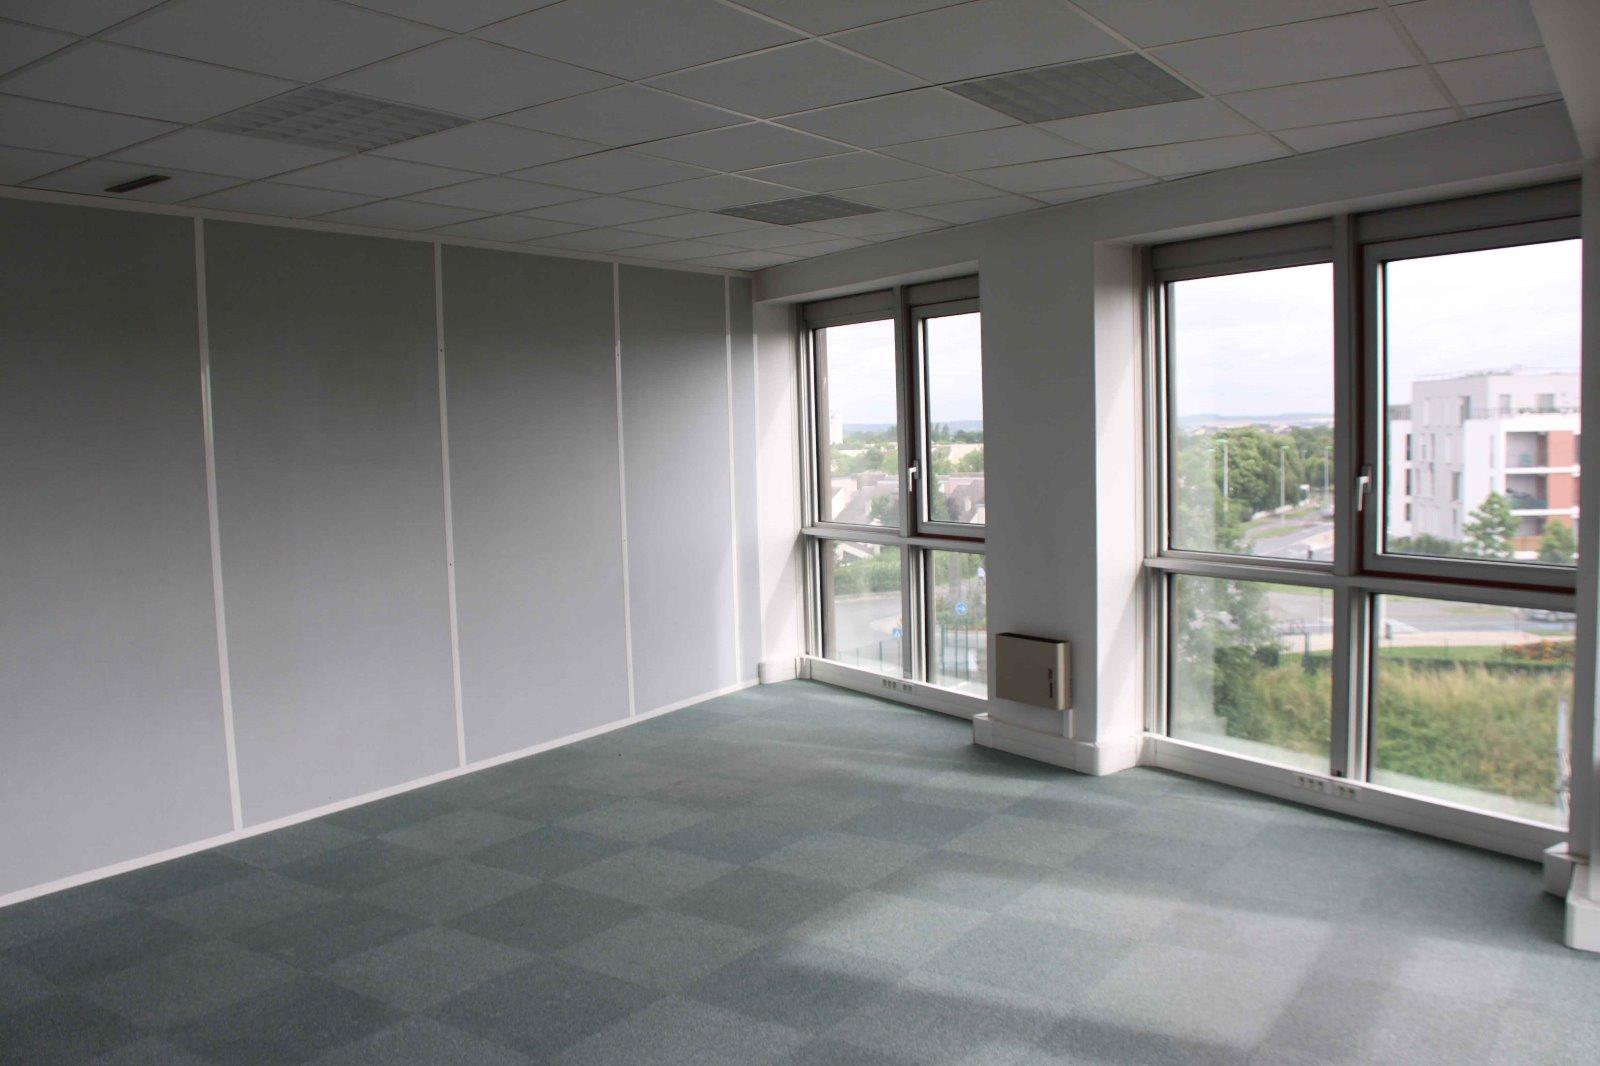 bureau a louer centre d 39 affaires paris proximit 2 mois hc ht offert investisseur immobilier. Black Bedroom Furniture Sets. Home Design Ideas